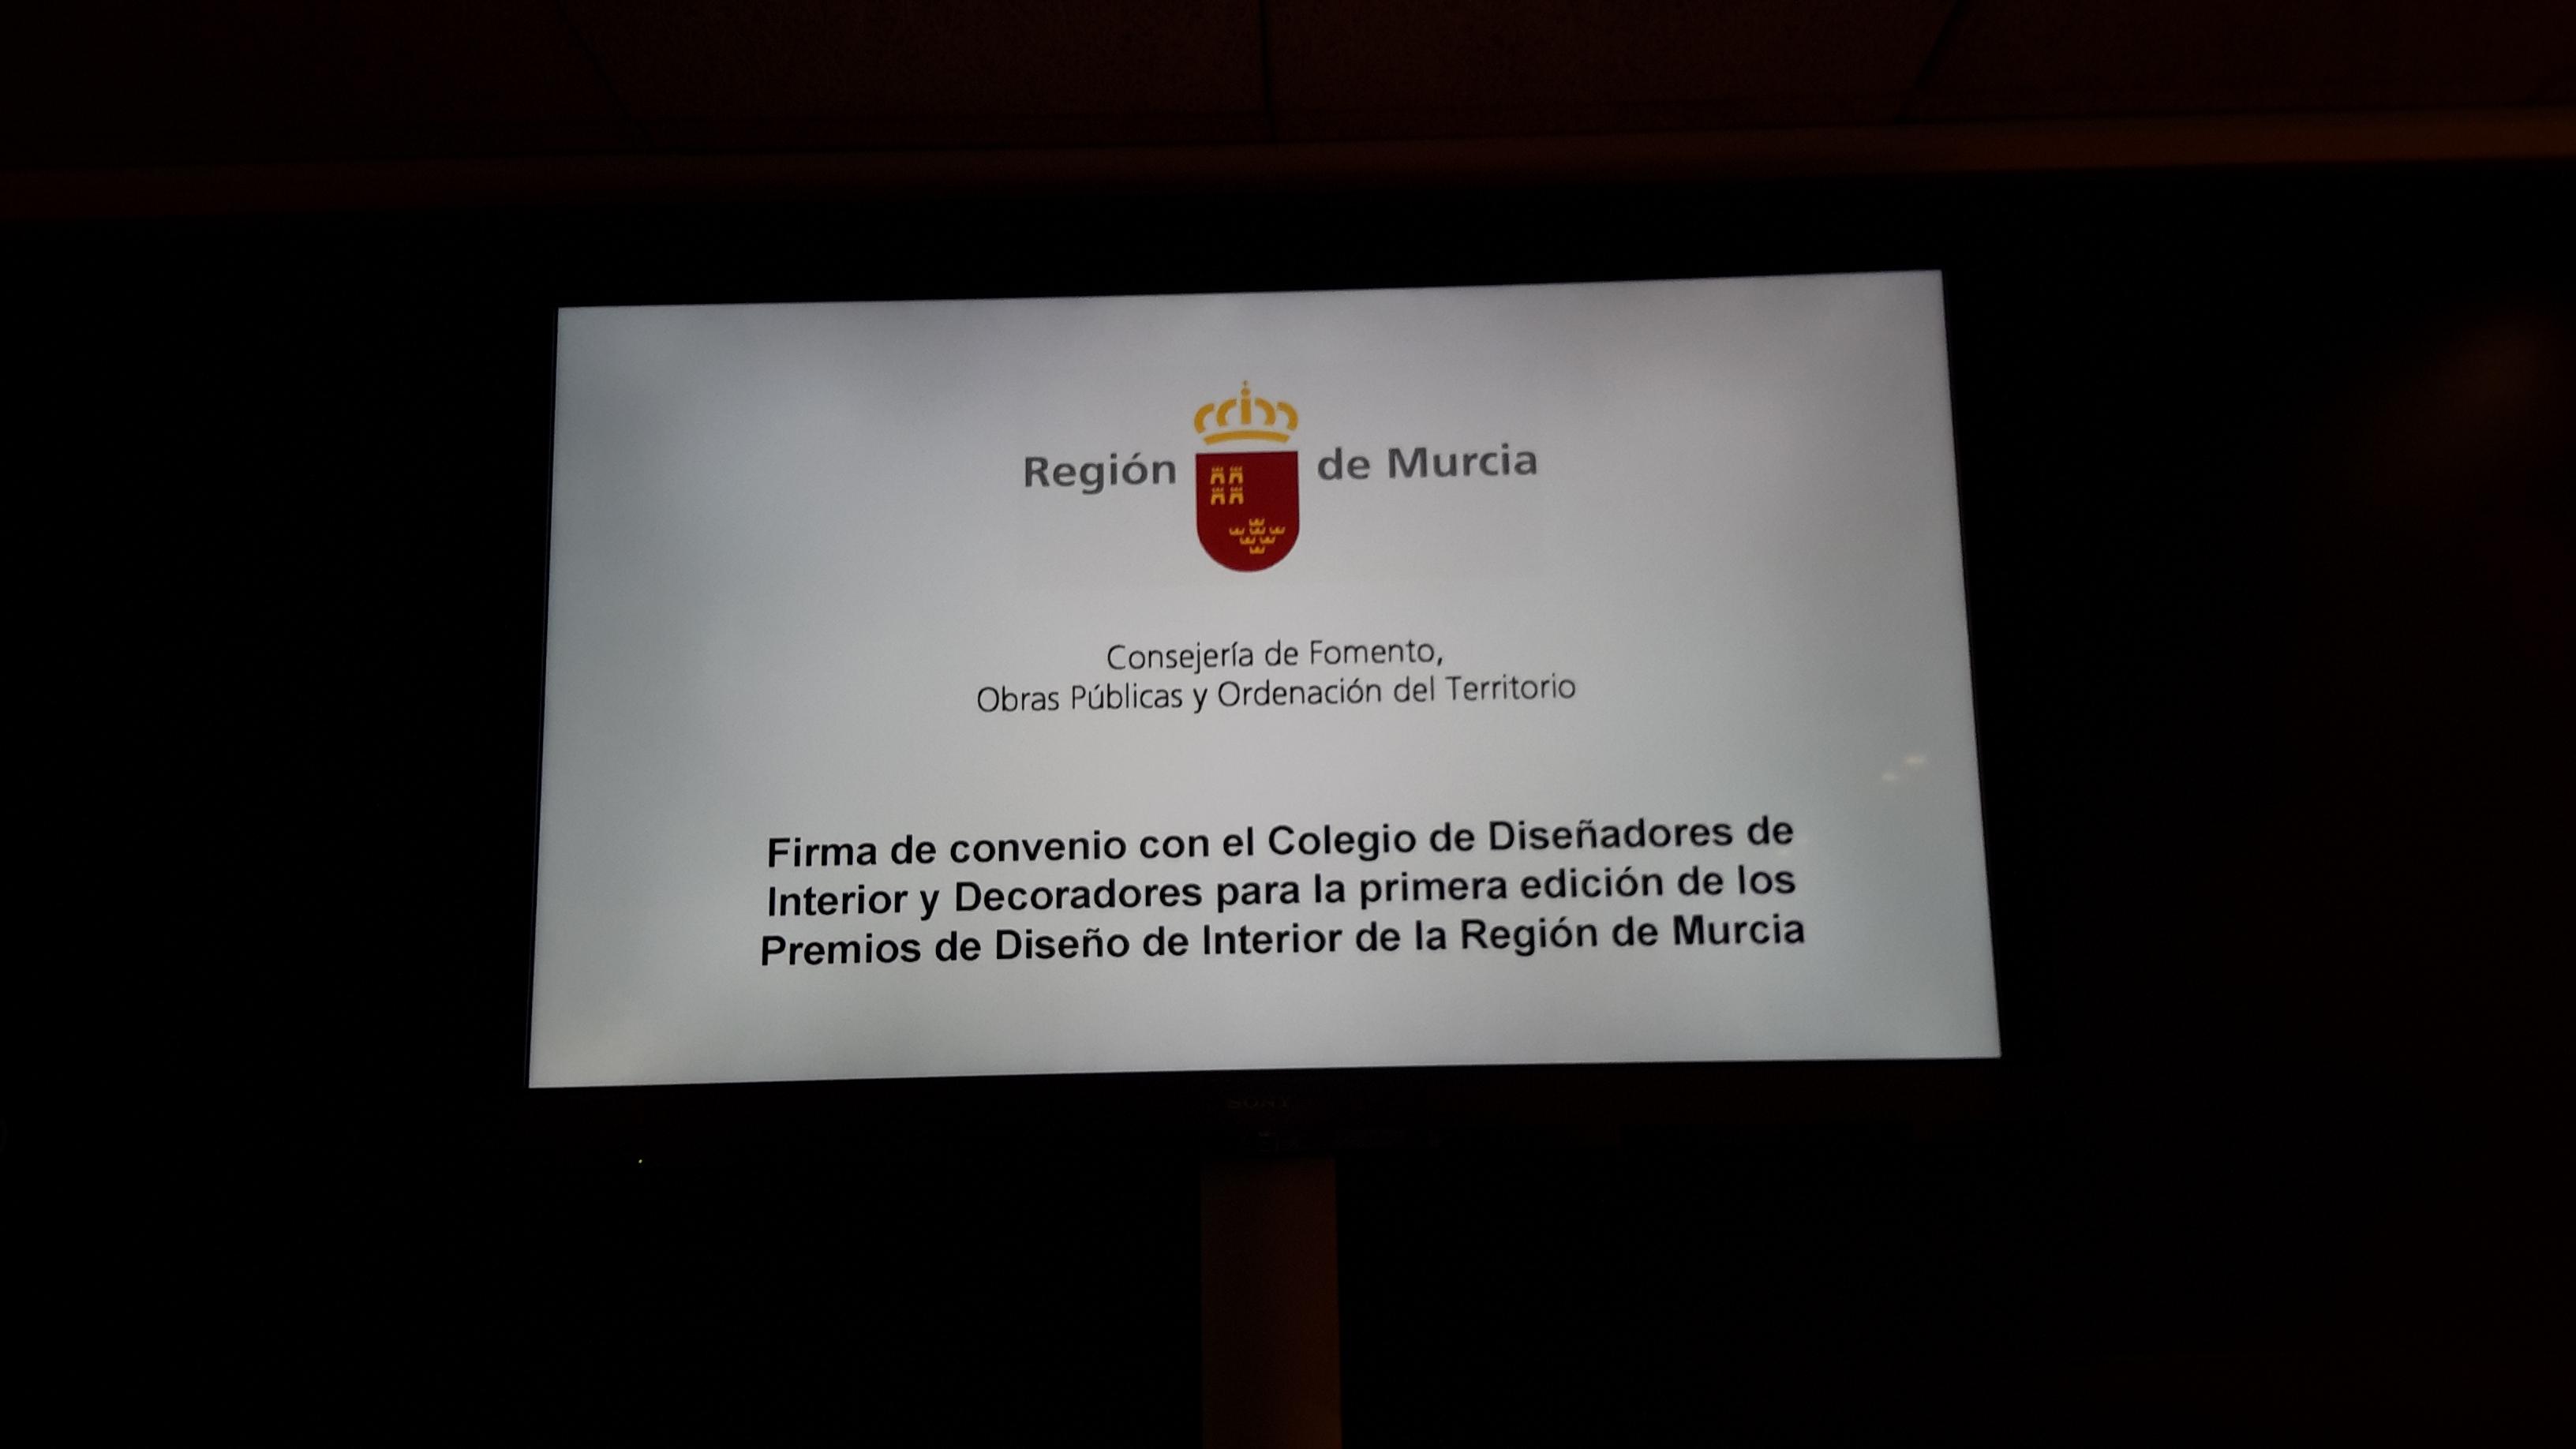 Imagen 1 SE FIRMÓ EL CONVENIO PARA LA ORGANIZACIÓN DE LOS PREMIOS REGIONALES DE DISEÑO DE INTERIOR.